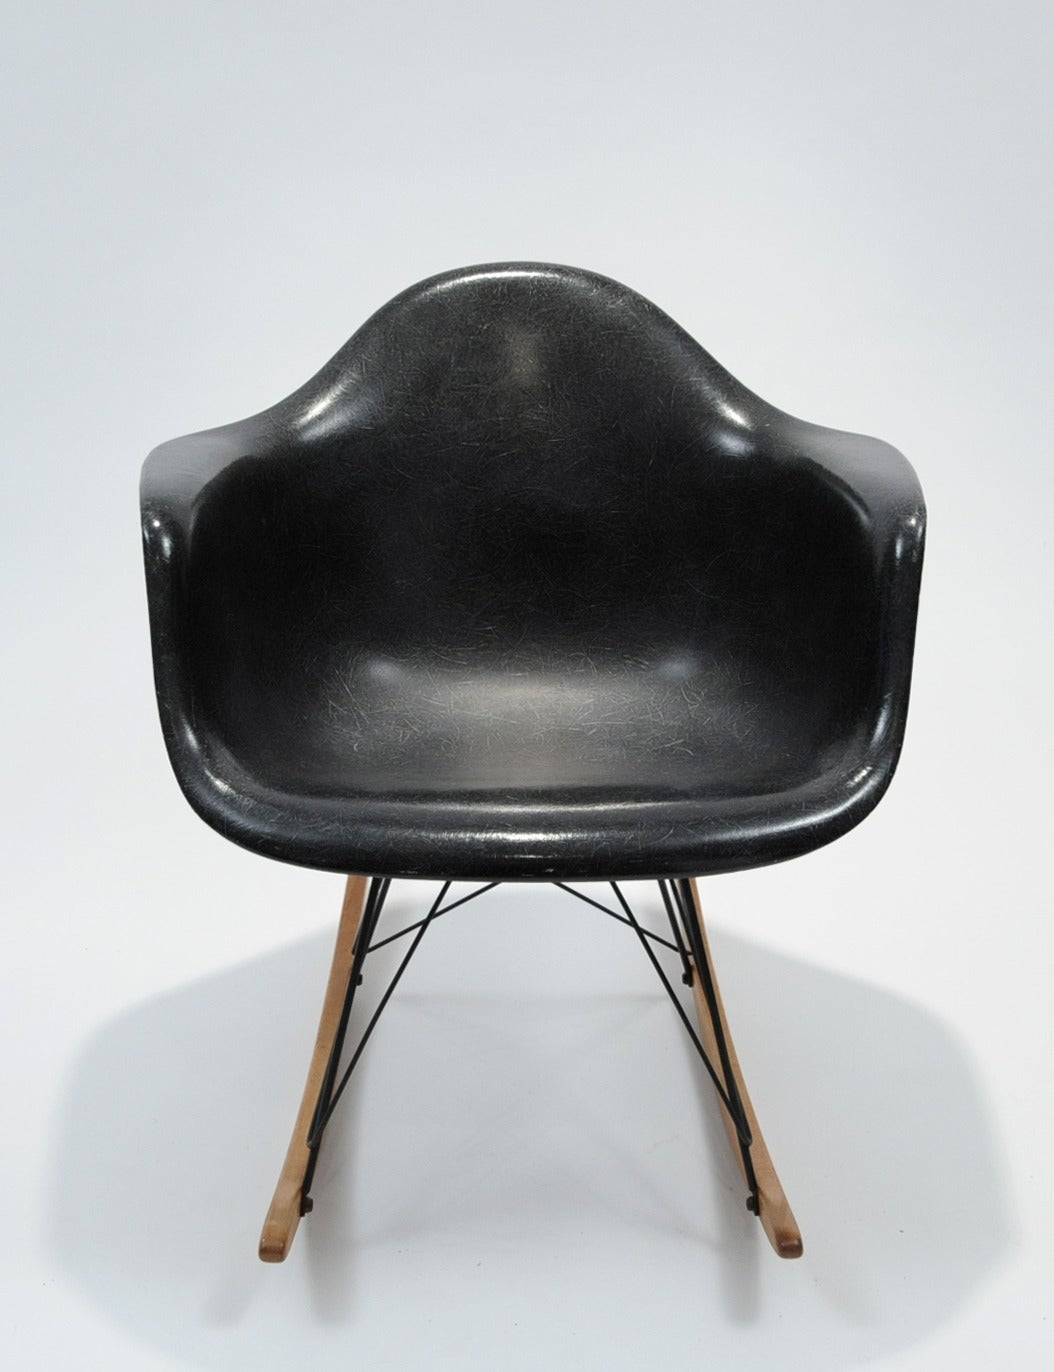 Charles and ray eames rar rocking chair at 1stdibs - Rocking chair charles eames ...